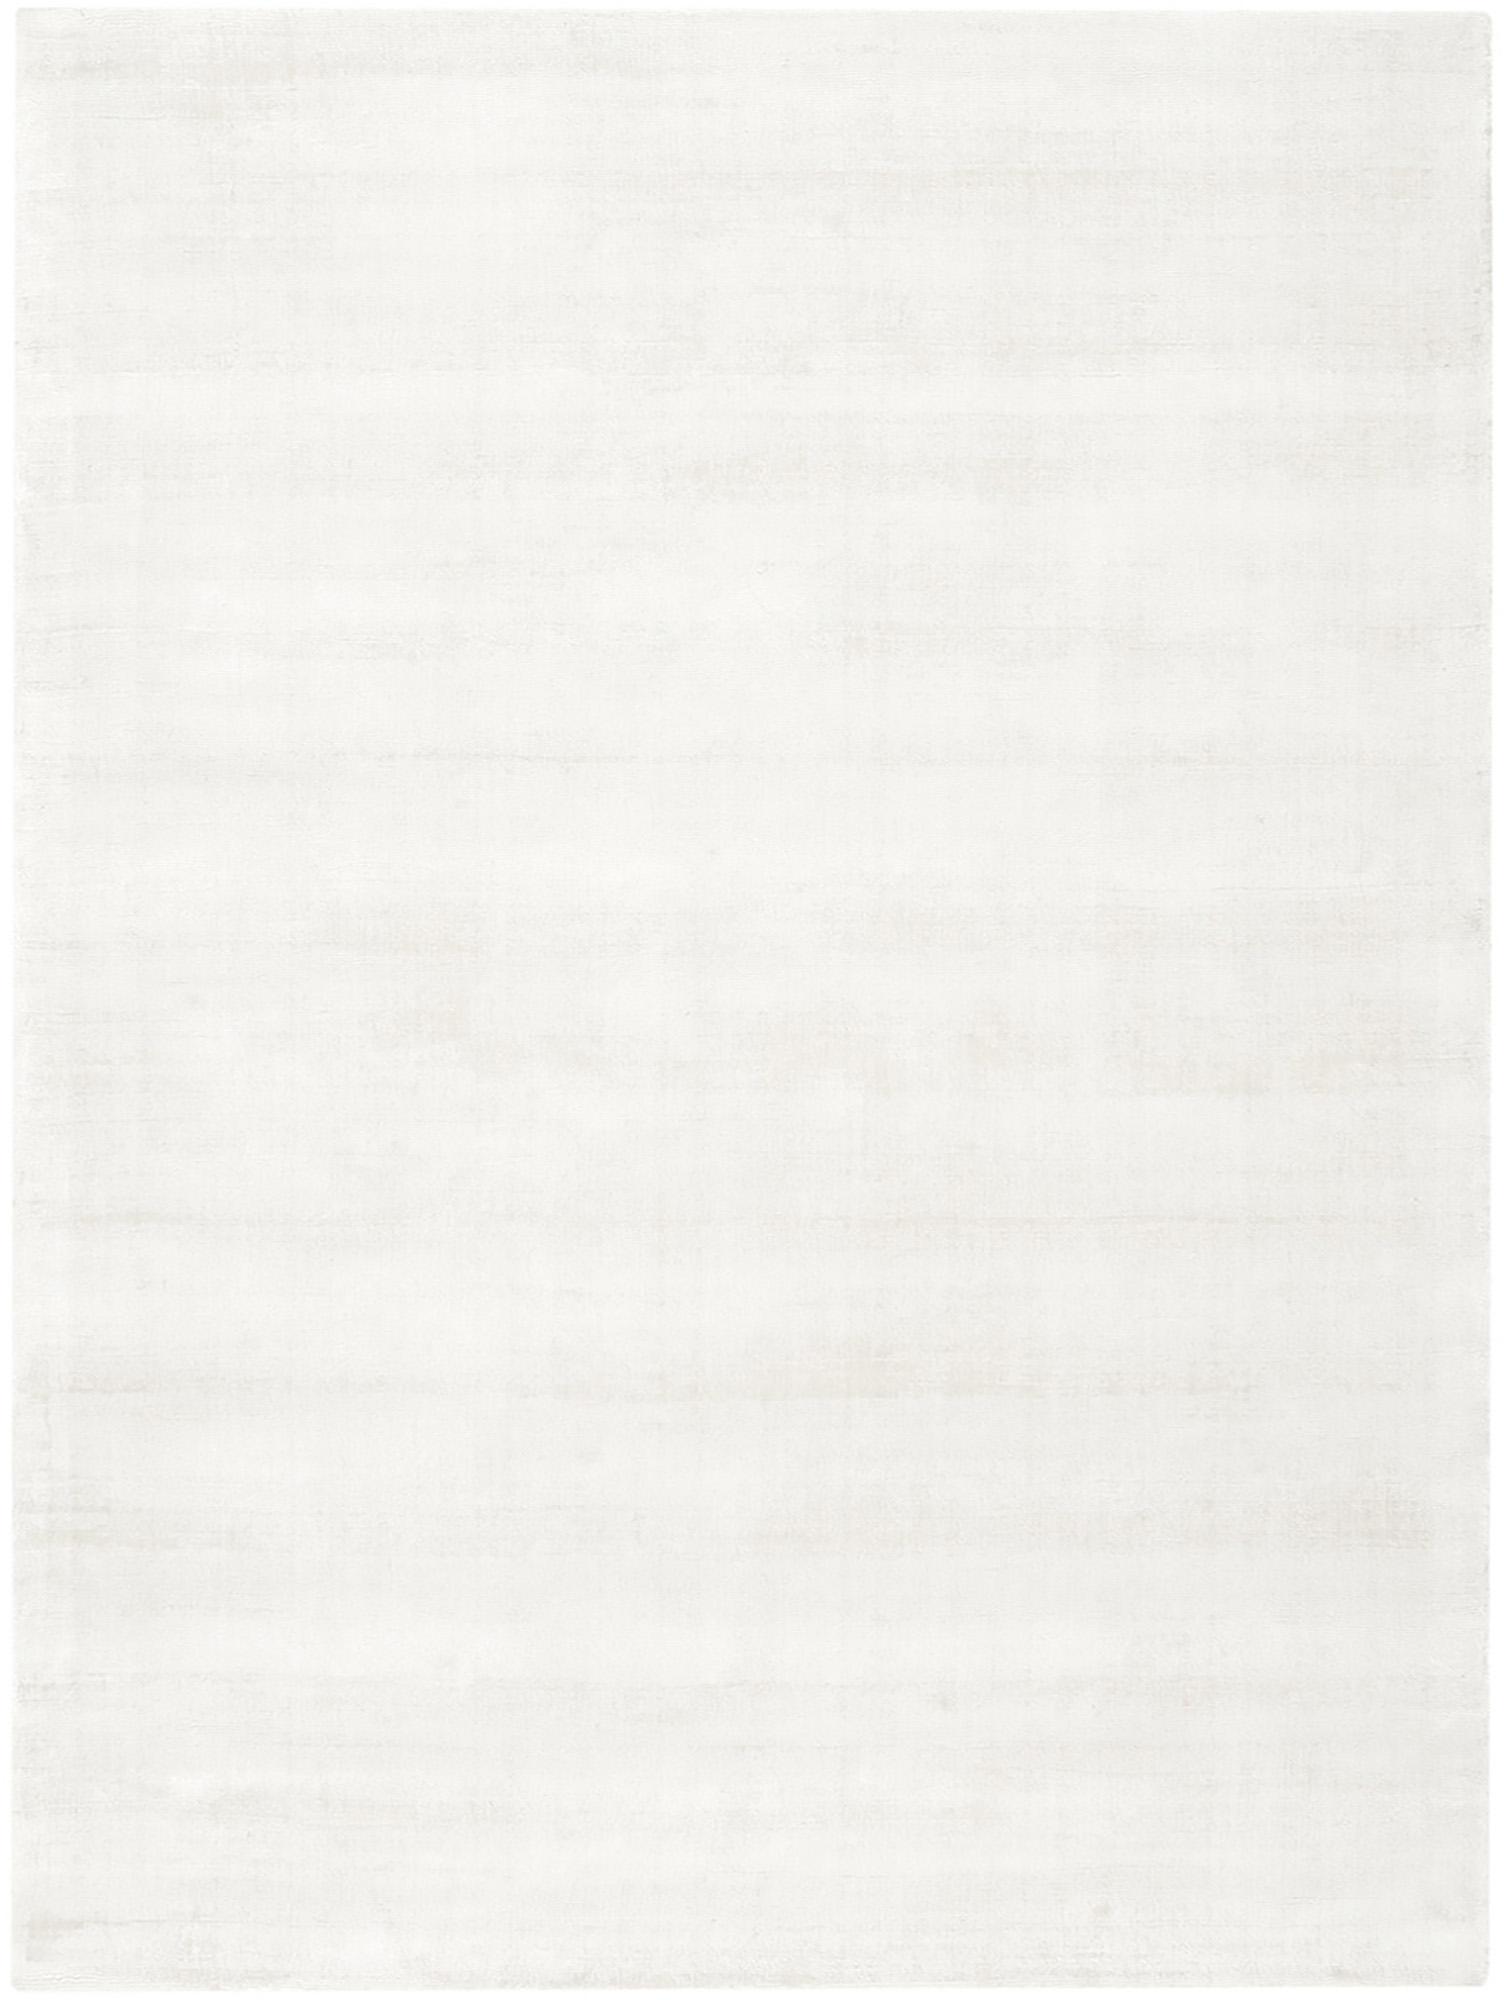 Handgewebter Viskoseteppich Jane in Elfenbeinfarben, Flor: 100% Viskose, Elfenbeinfarben, B 300 x L 400 cm (Größe XL)